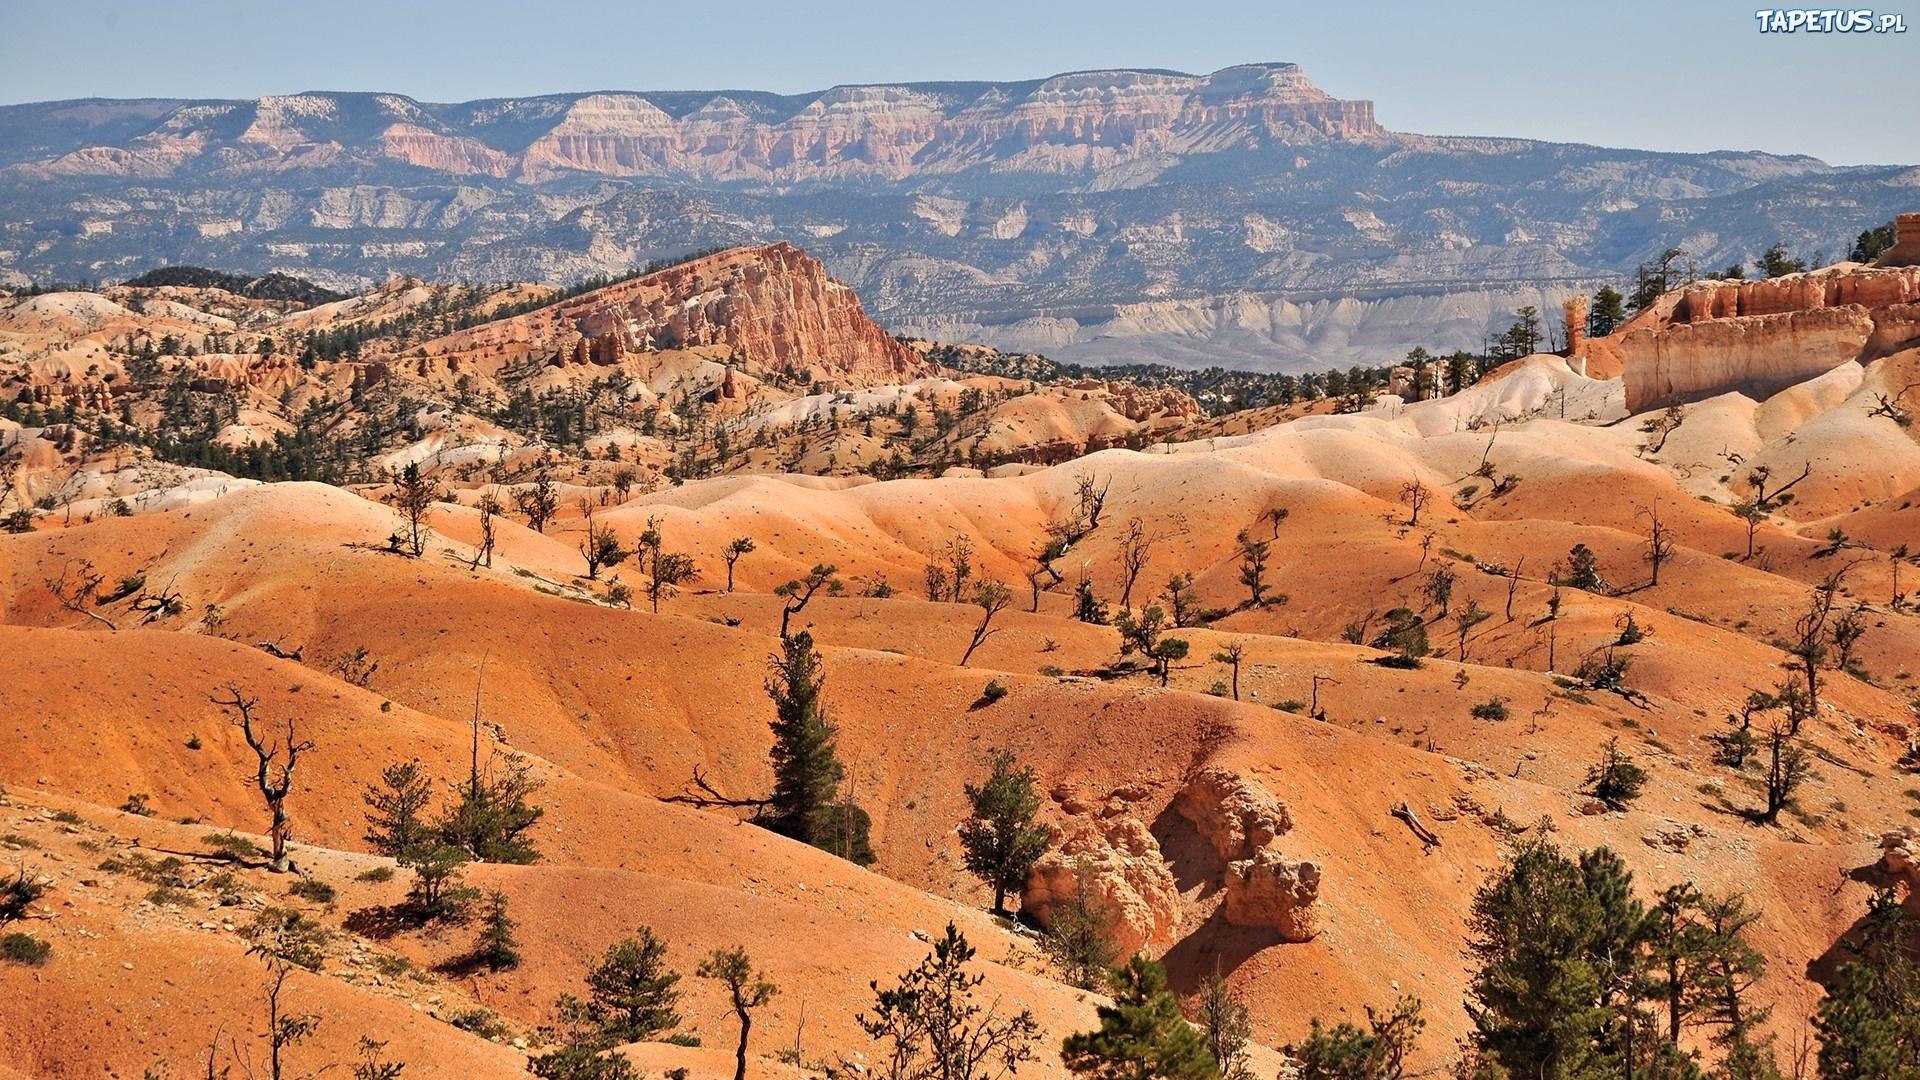 пустыня скалы в хорошем качестве